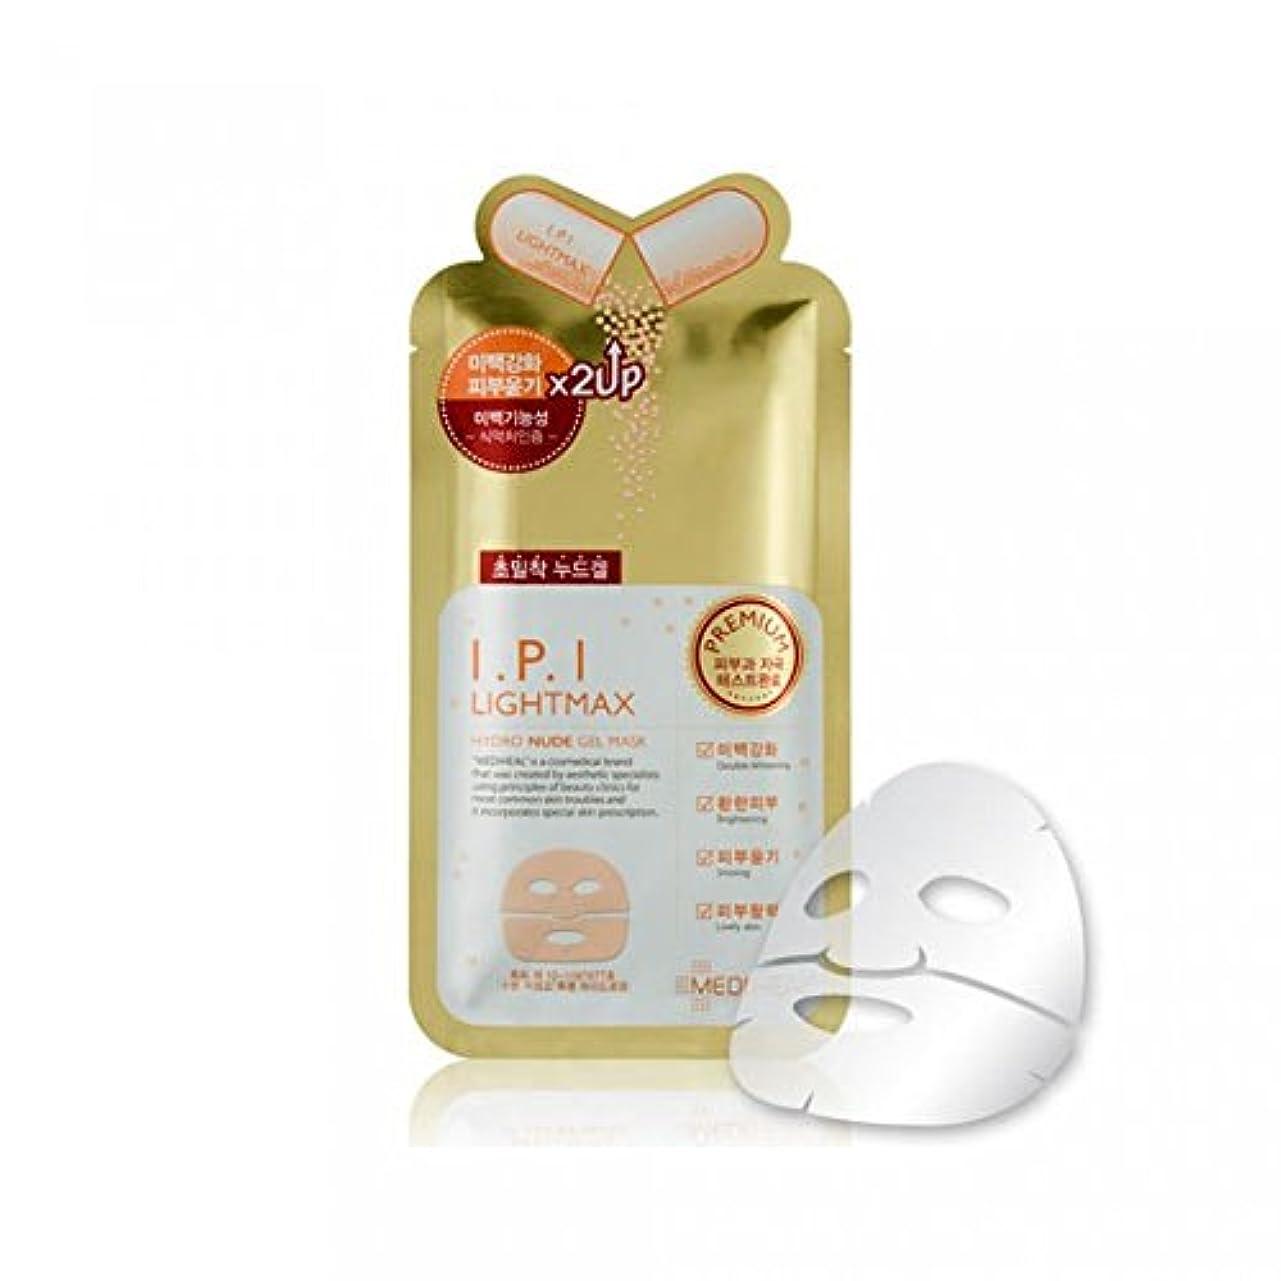 マーチャンダイジングマウンドバランスメディヒール プレミアム IPI ライトマックス ヌード ゲルマスク (10枚) [Mediheal premium IPI LIGHT MAX Nude Gel Mask 10 sheets] [並行輸入品]